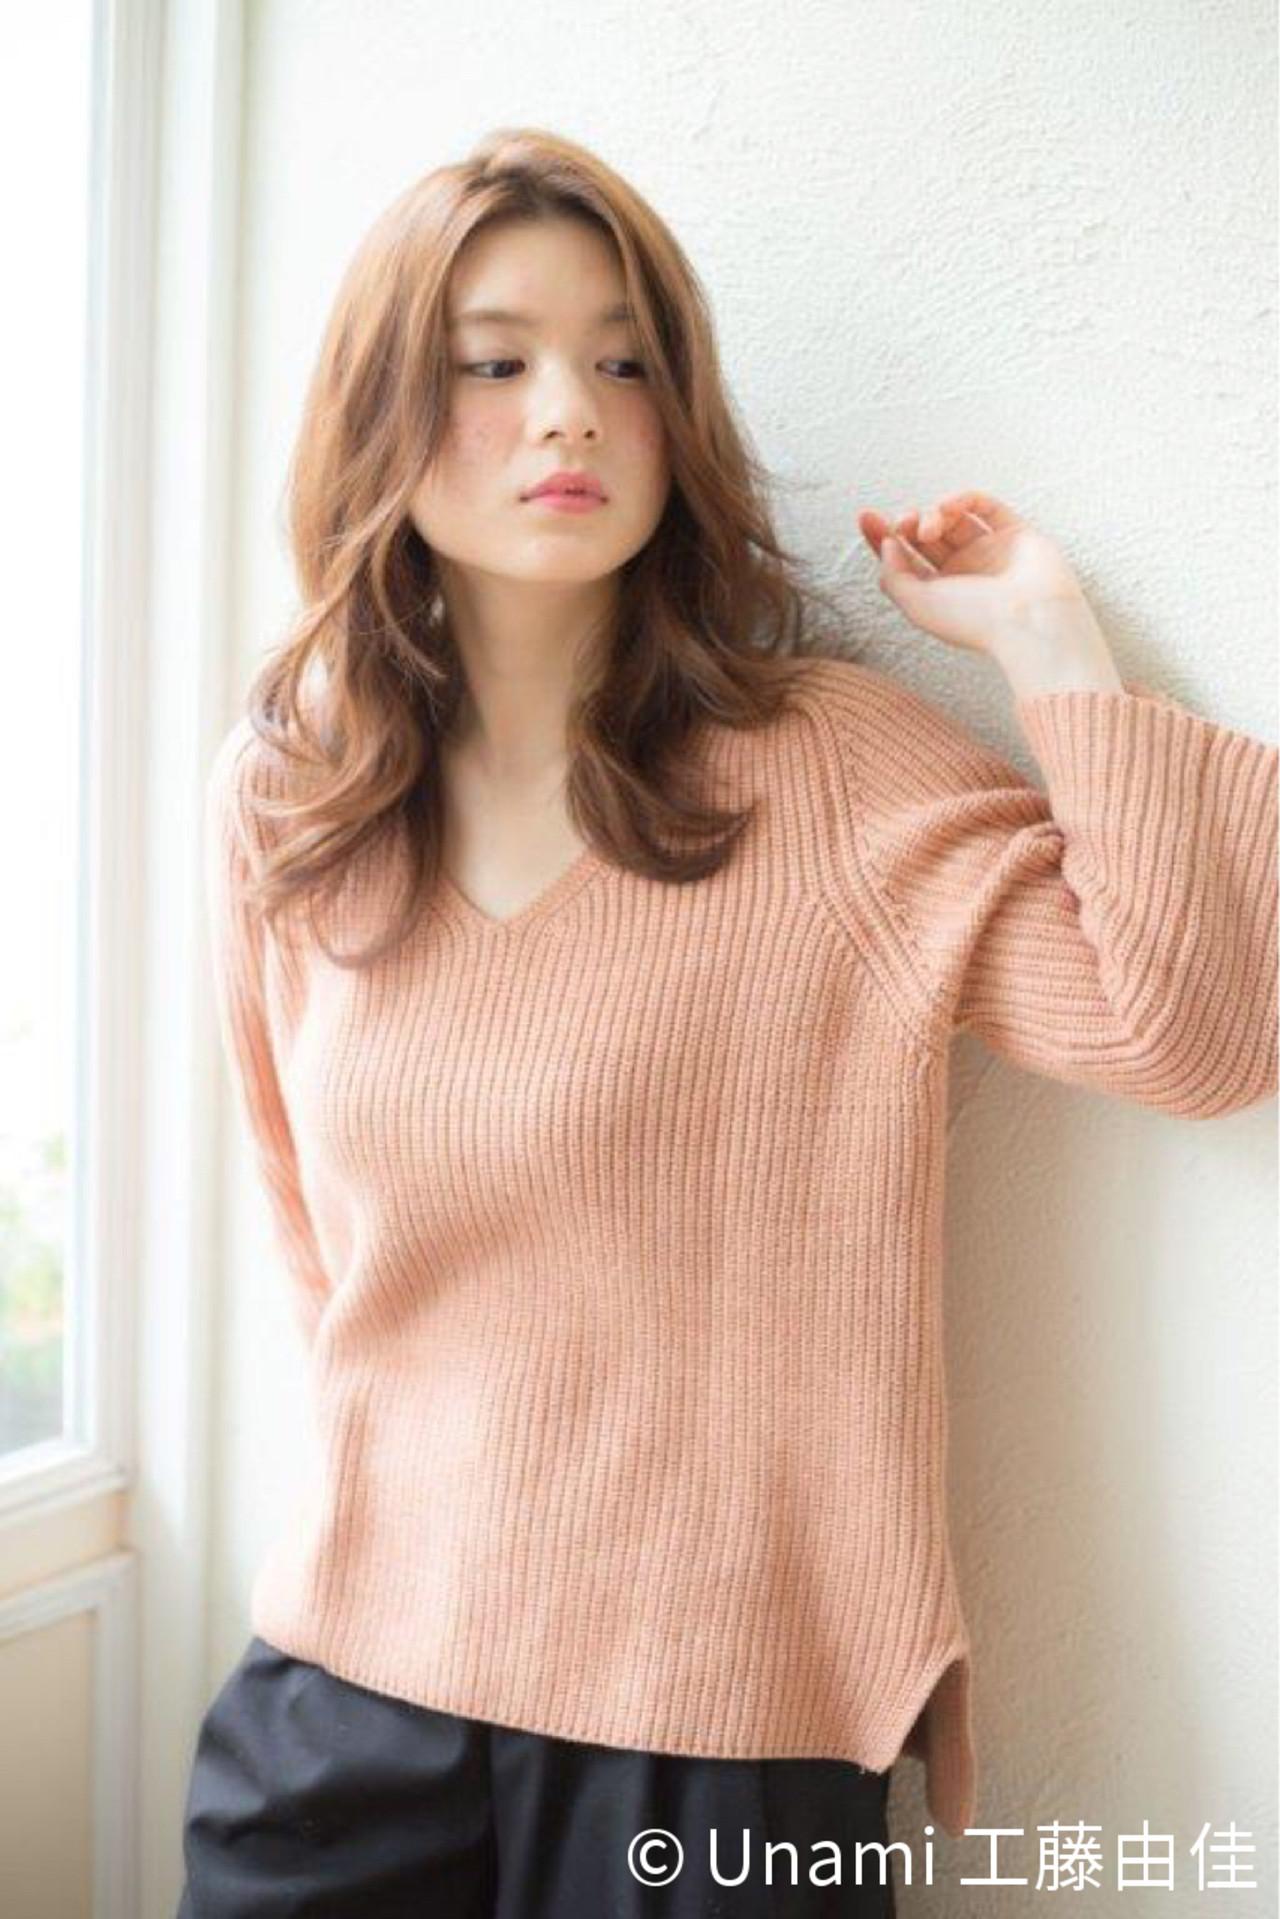 愛され ミディアム パーマ 夏 ヘアスタイルや髪型の写真・画像 | Unami 工藤由佳 / Unami omotesando